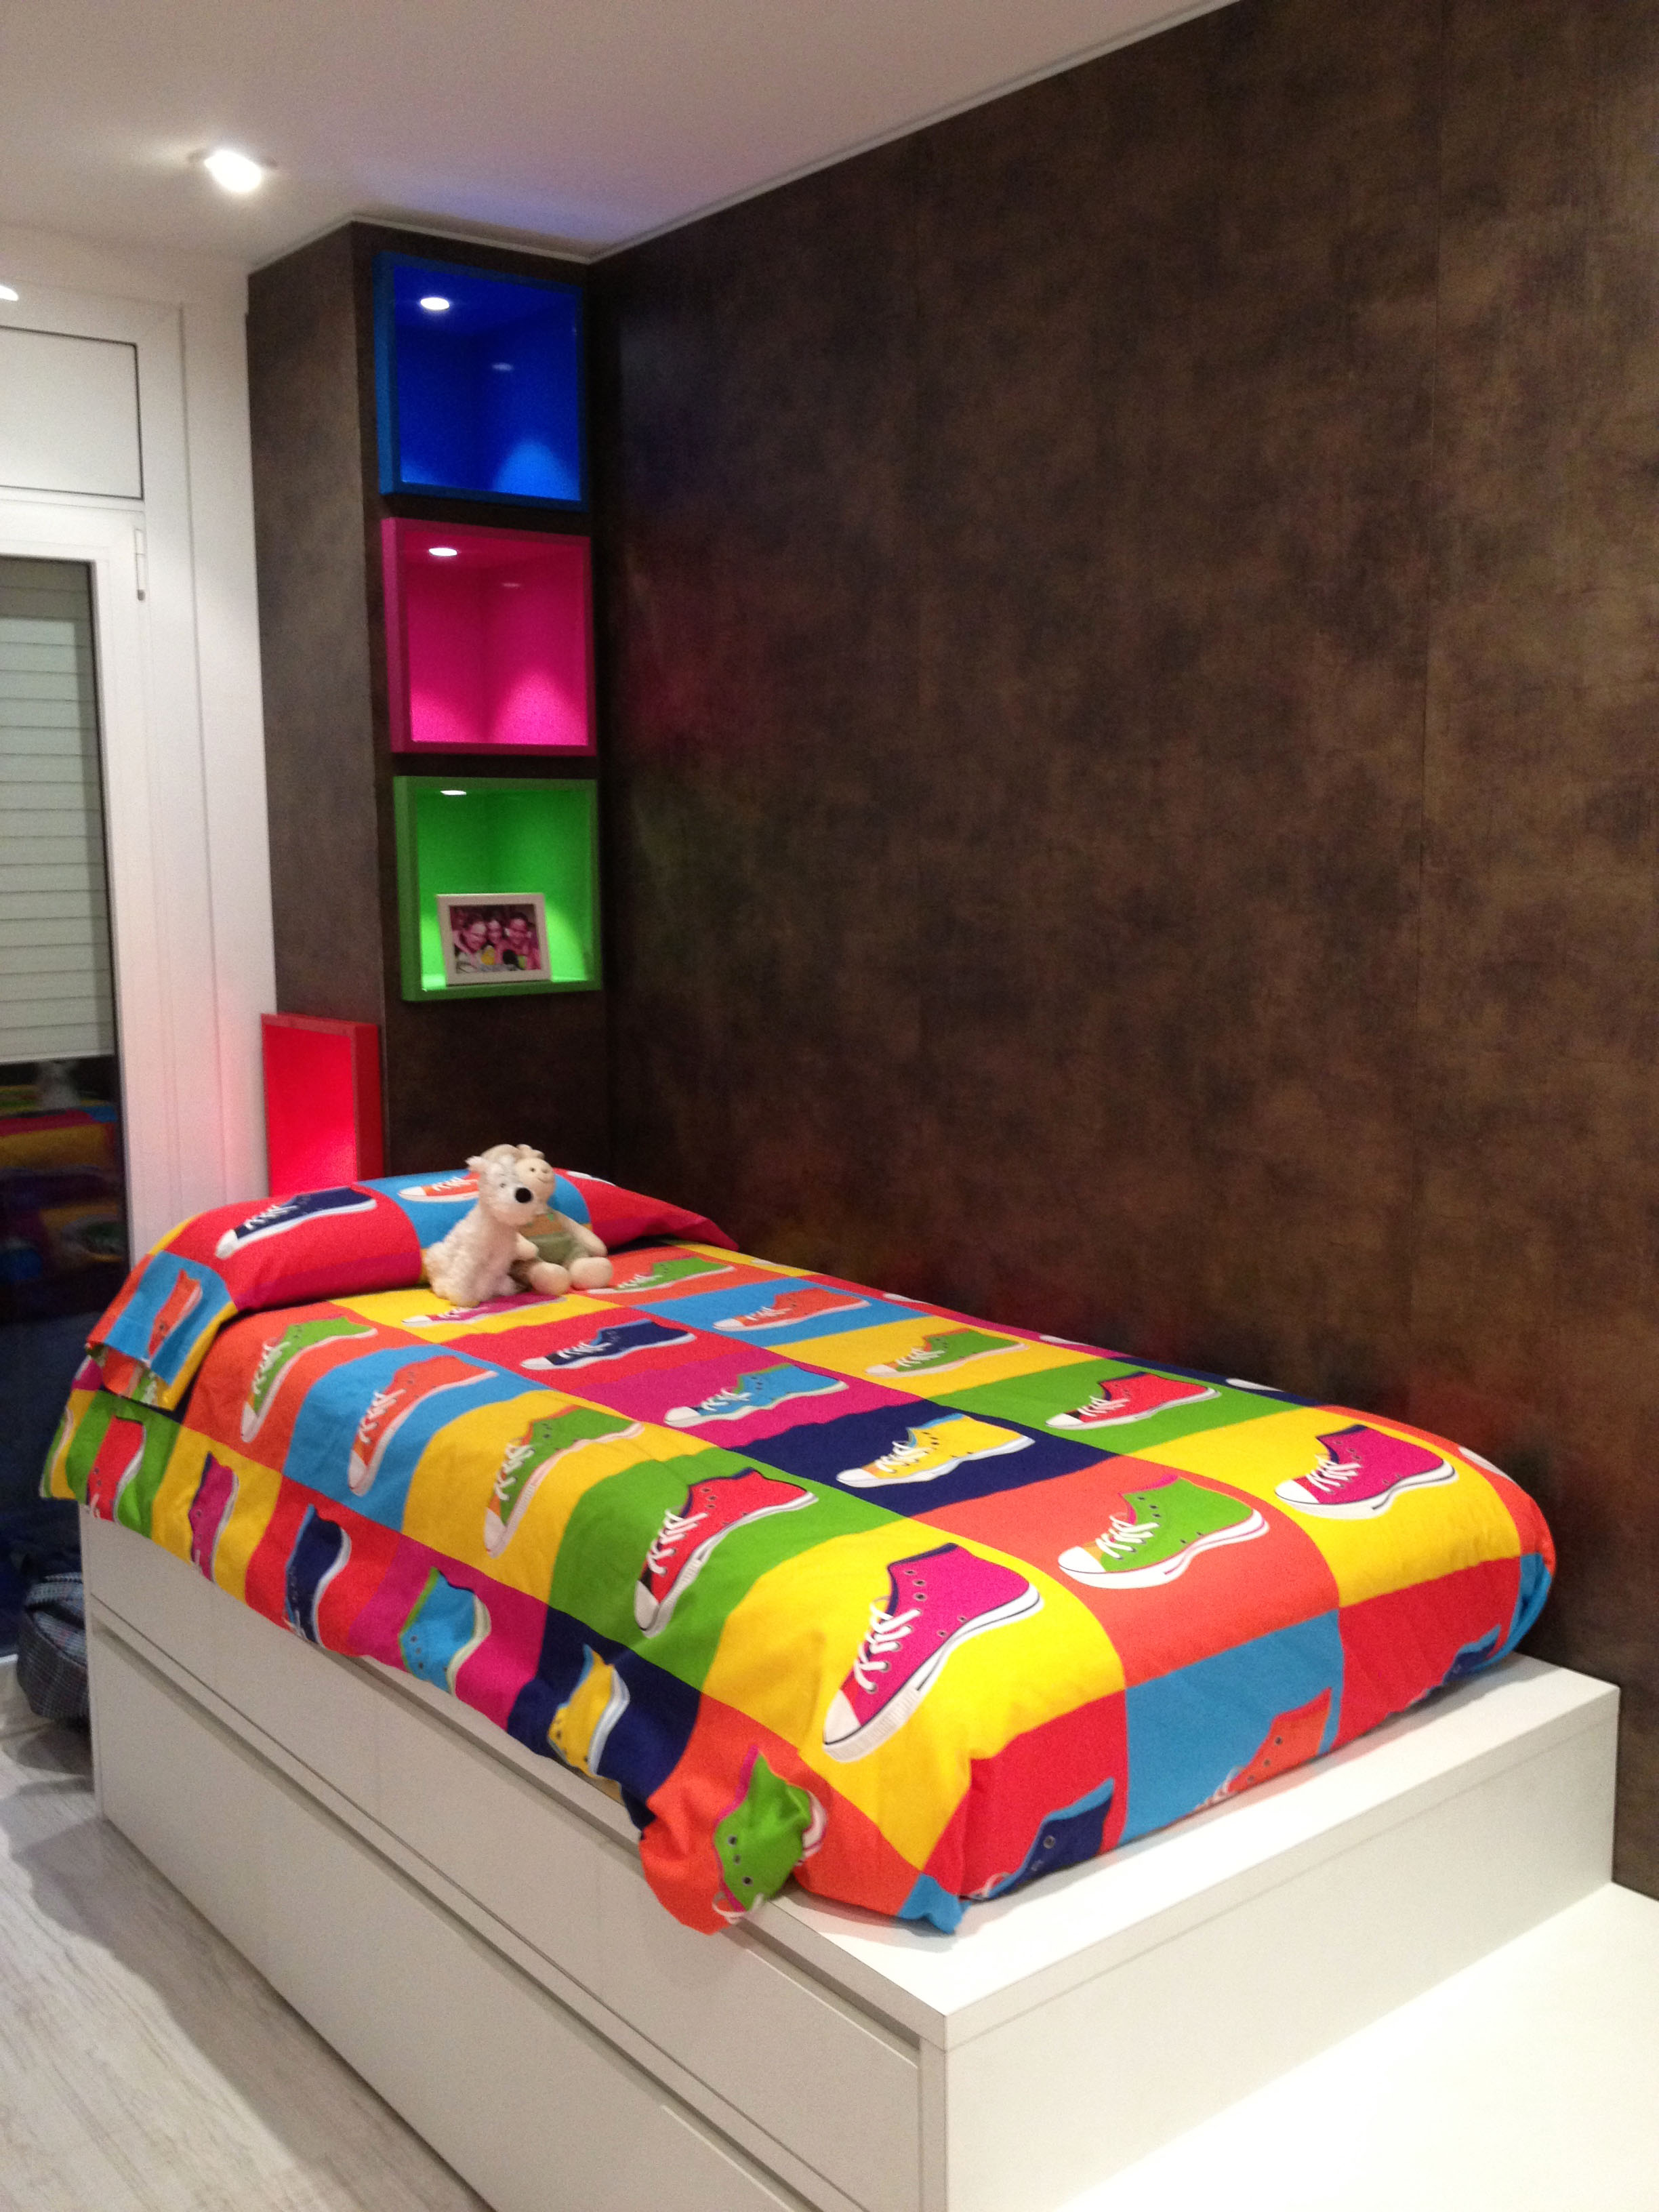 Habitaciones infantiles fusteria cano for Habitaciones infantiles mobiliario